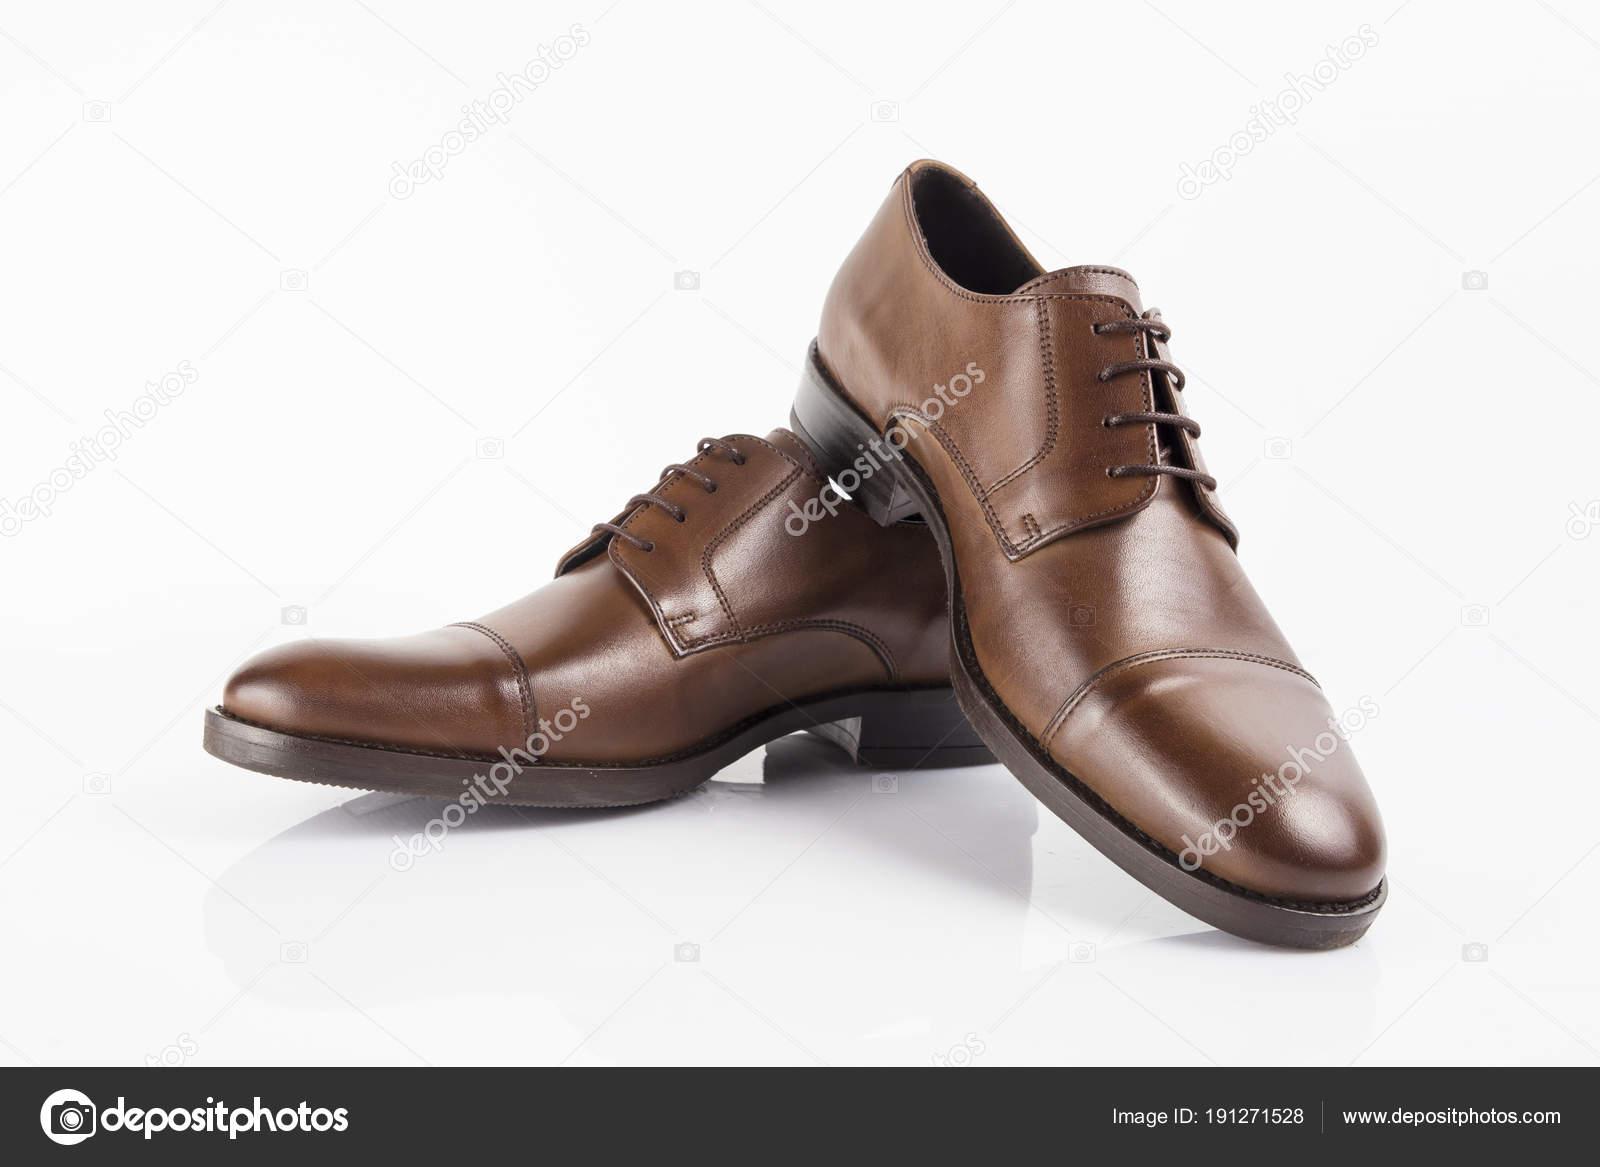 390fb115da Zapato Elegante Cuero Marrón Hombre Sobre Fondo Blanco Producto Aislado —  Fotos de Stock